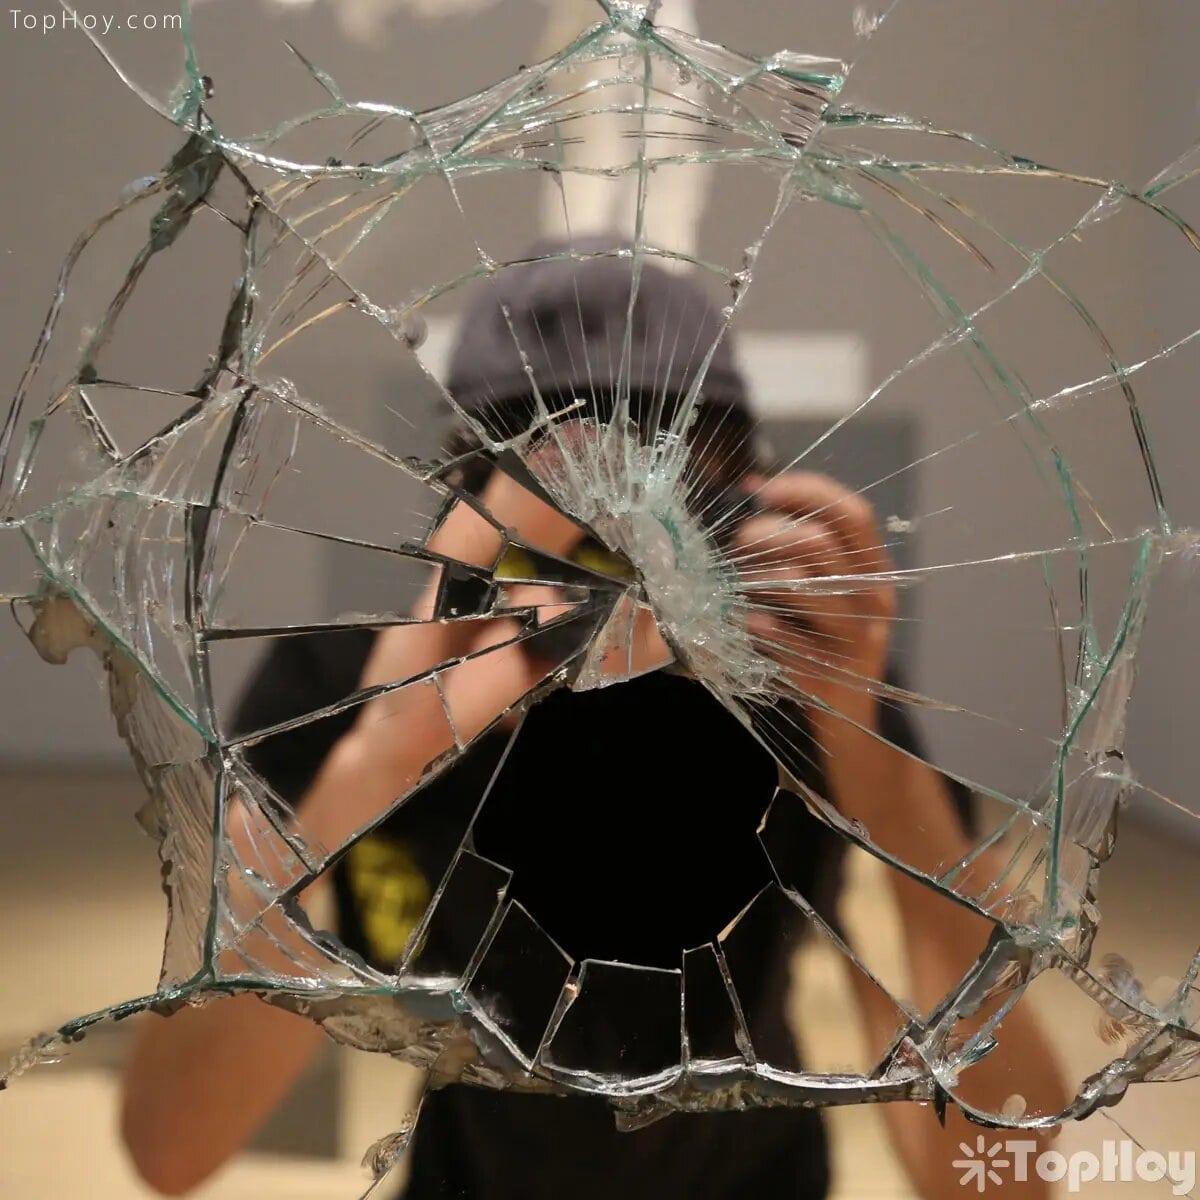 Lo más temido de la cultura latina es que se rompa un espejo. Son 7 años de mala suerte.